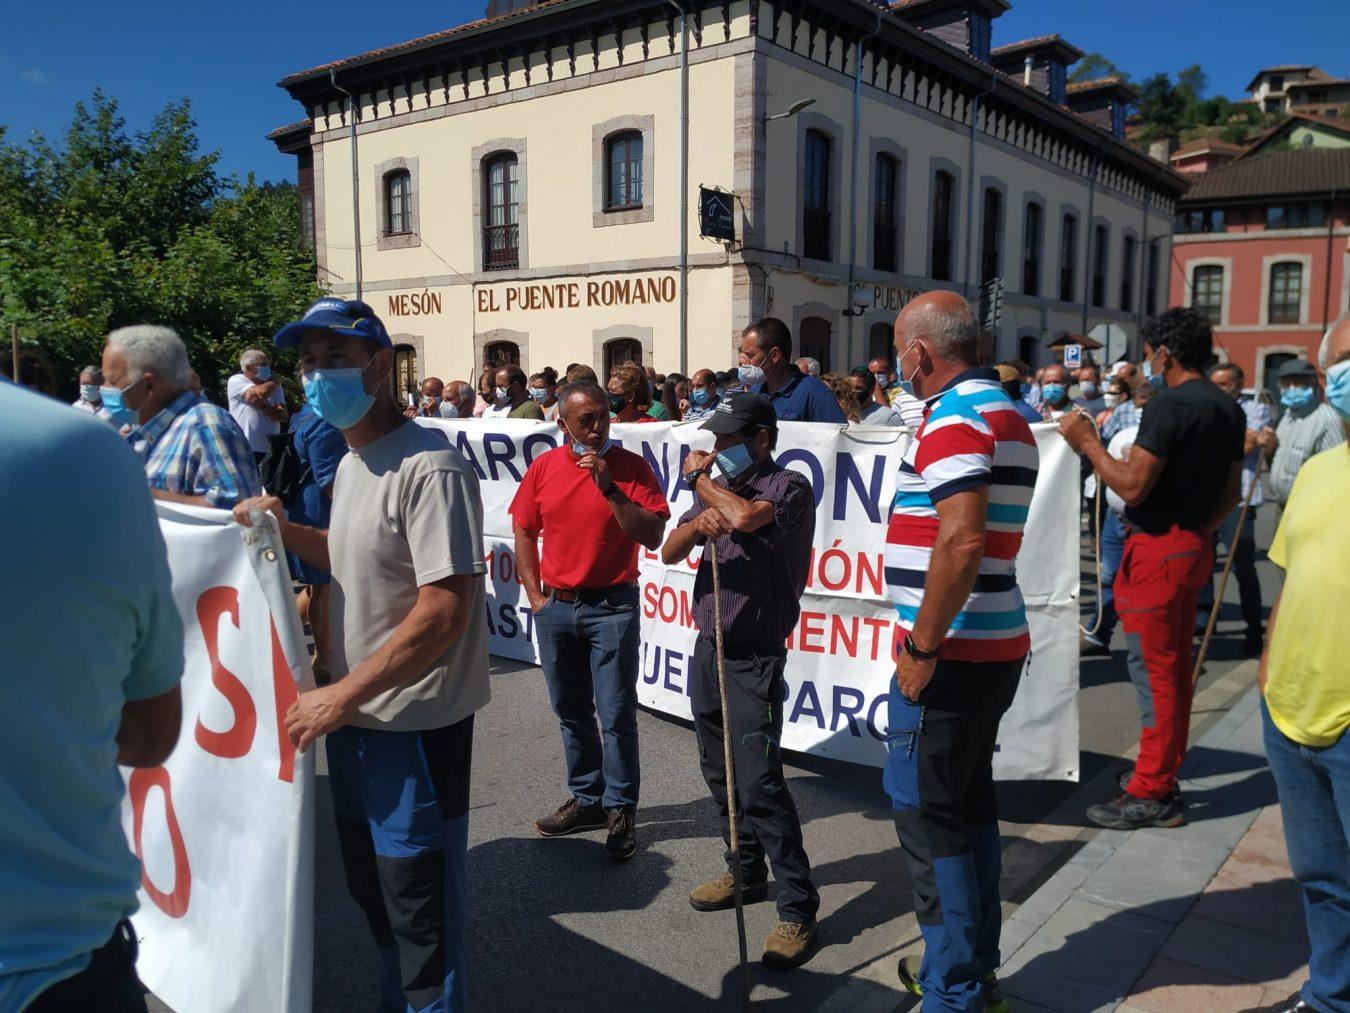 Unos 400 ganaderos de la comarca exigen en Cangas de Onís un plan del lobo mas rápido y efectivo